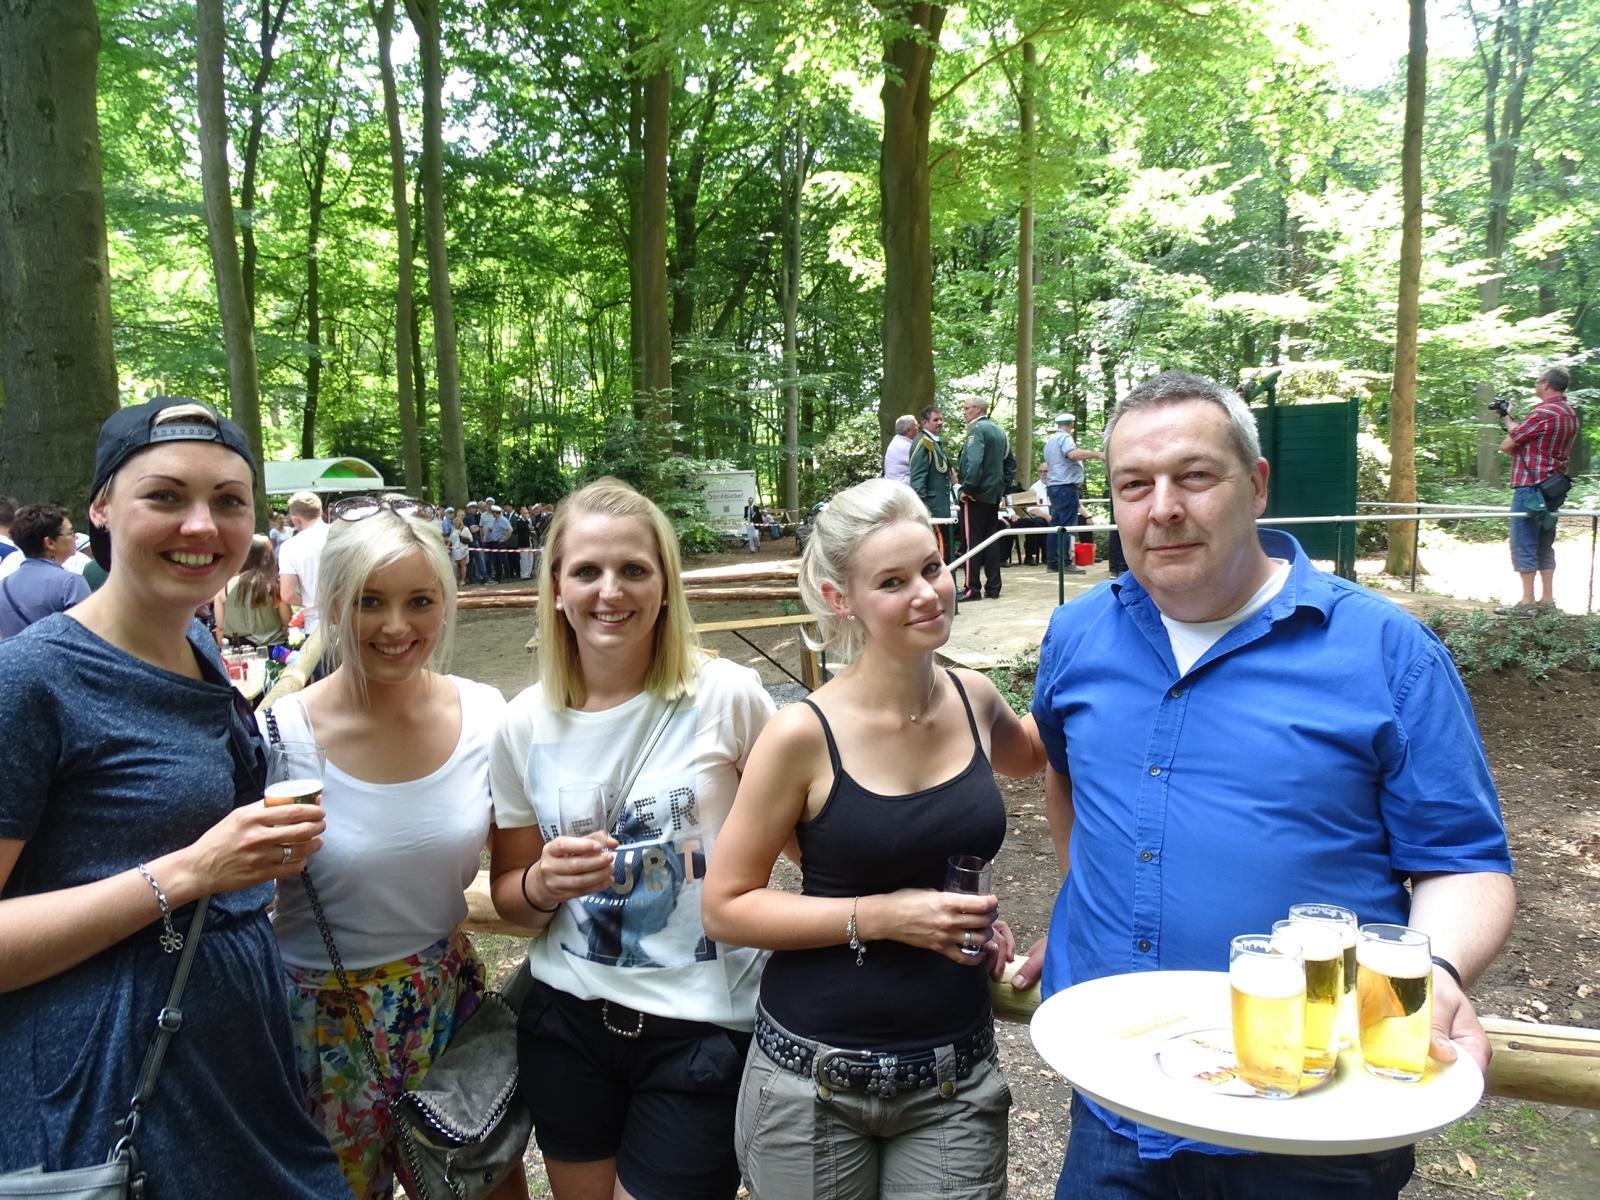 Vogelschiessen_Schuetzenfest_Lembeck_2018.05.28_Foto_Lembecker.de_Frank_Langenhorst_021